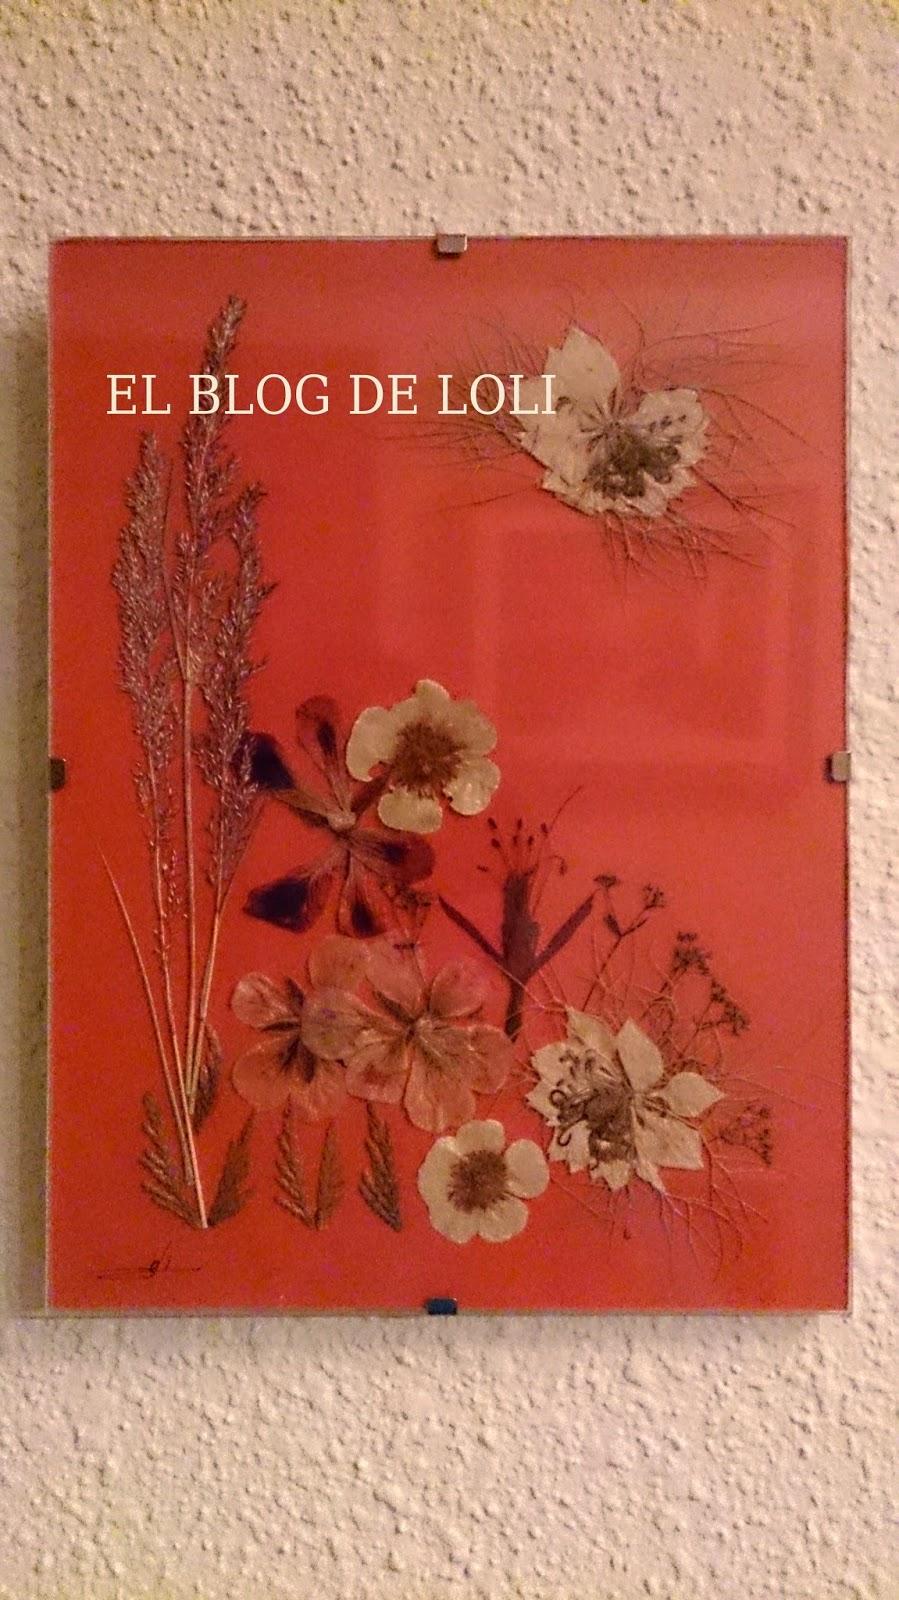 al por mayor cuadros flores secas AliExpress en español - Fotos De Cuadros De Flores Secas